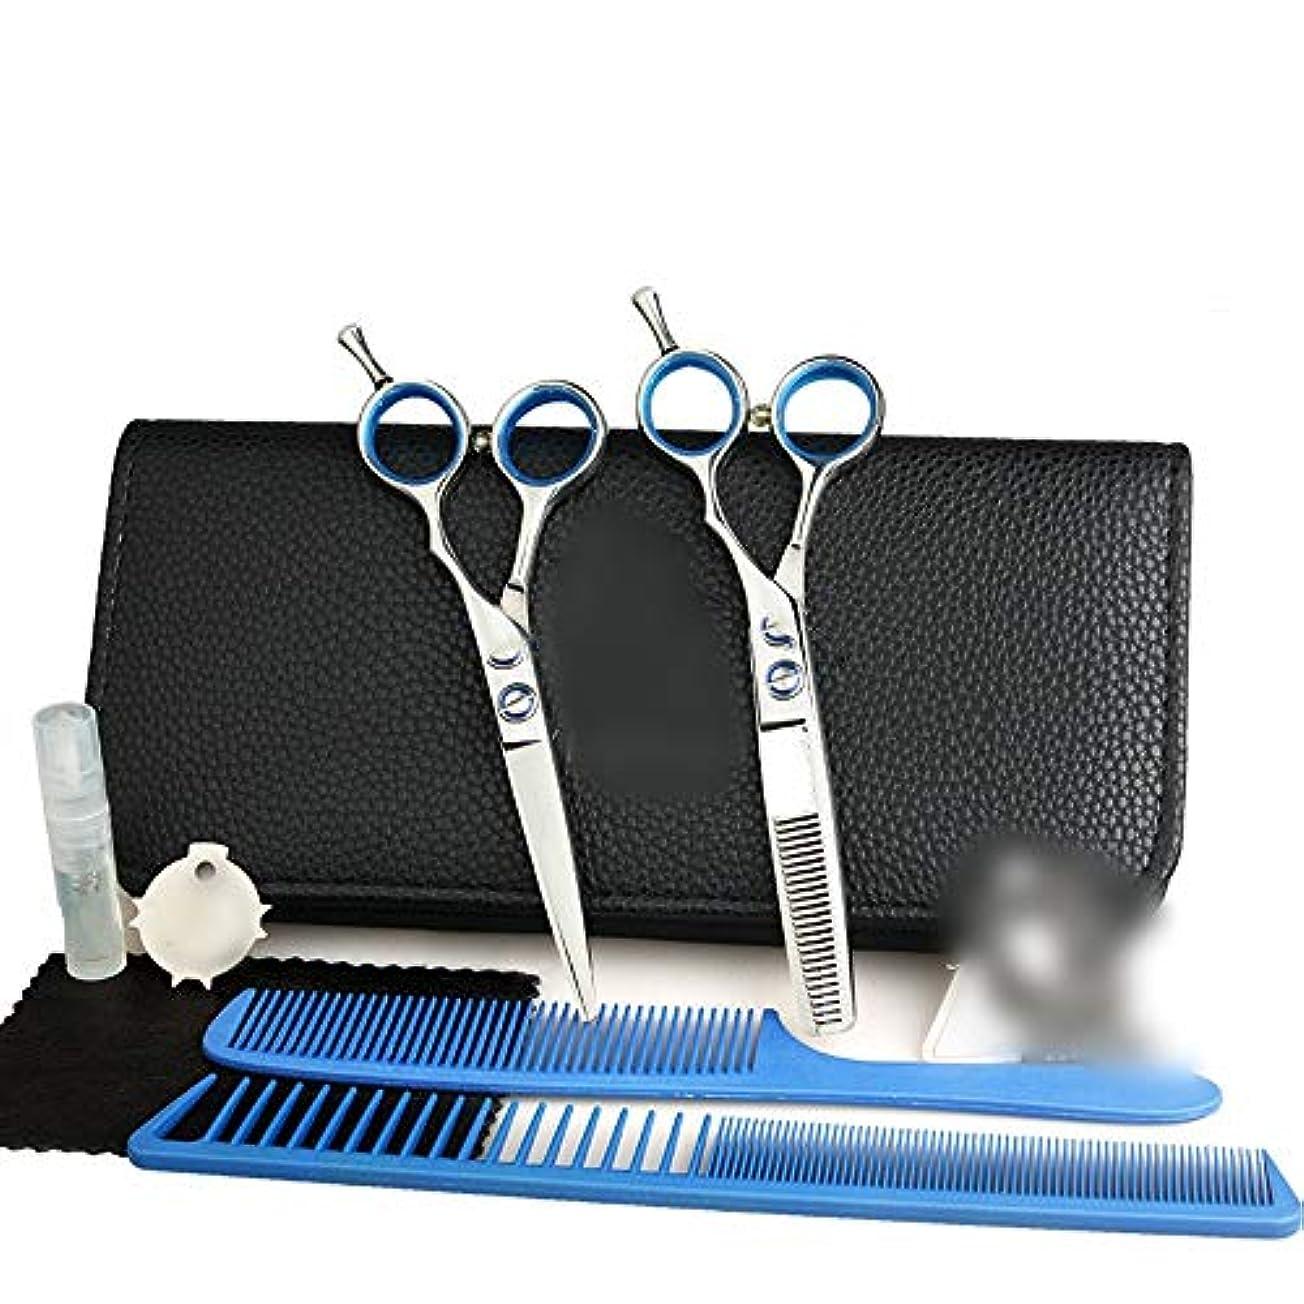 チロ川複合Goodsok-jp 5.5インチ理髪はさみセット、平らな歯のはさみ理髪はさみセット (色 : Silver)